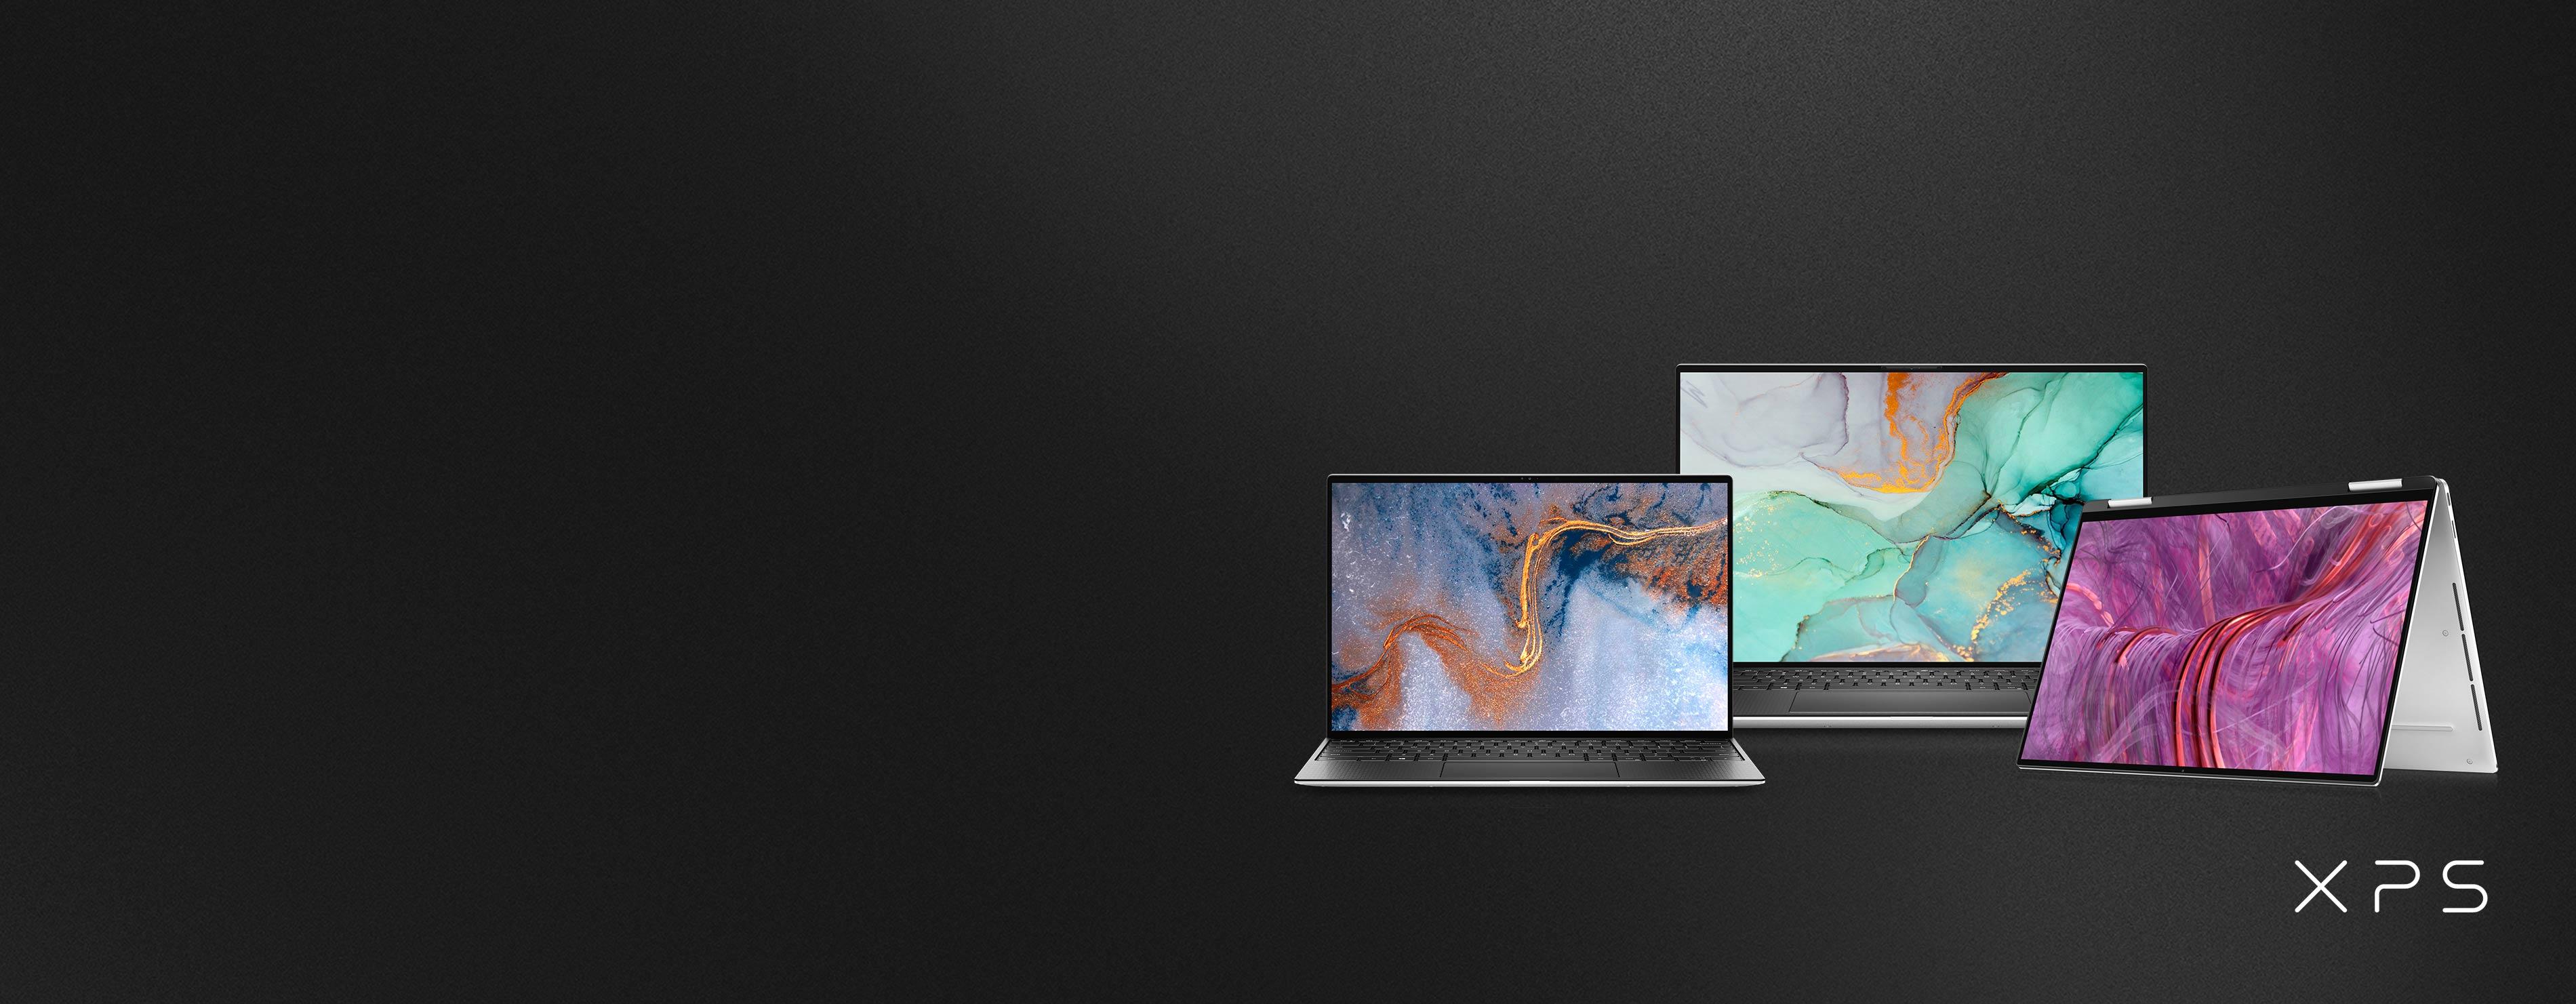 XPS_Laptops